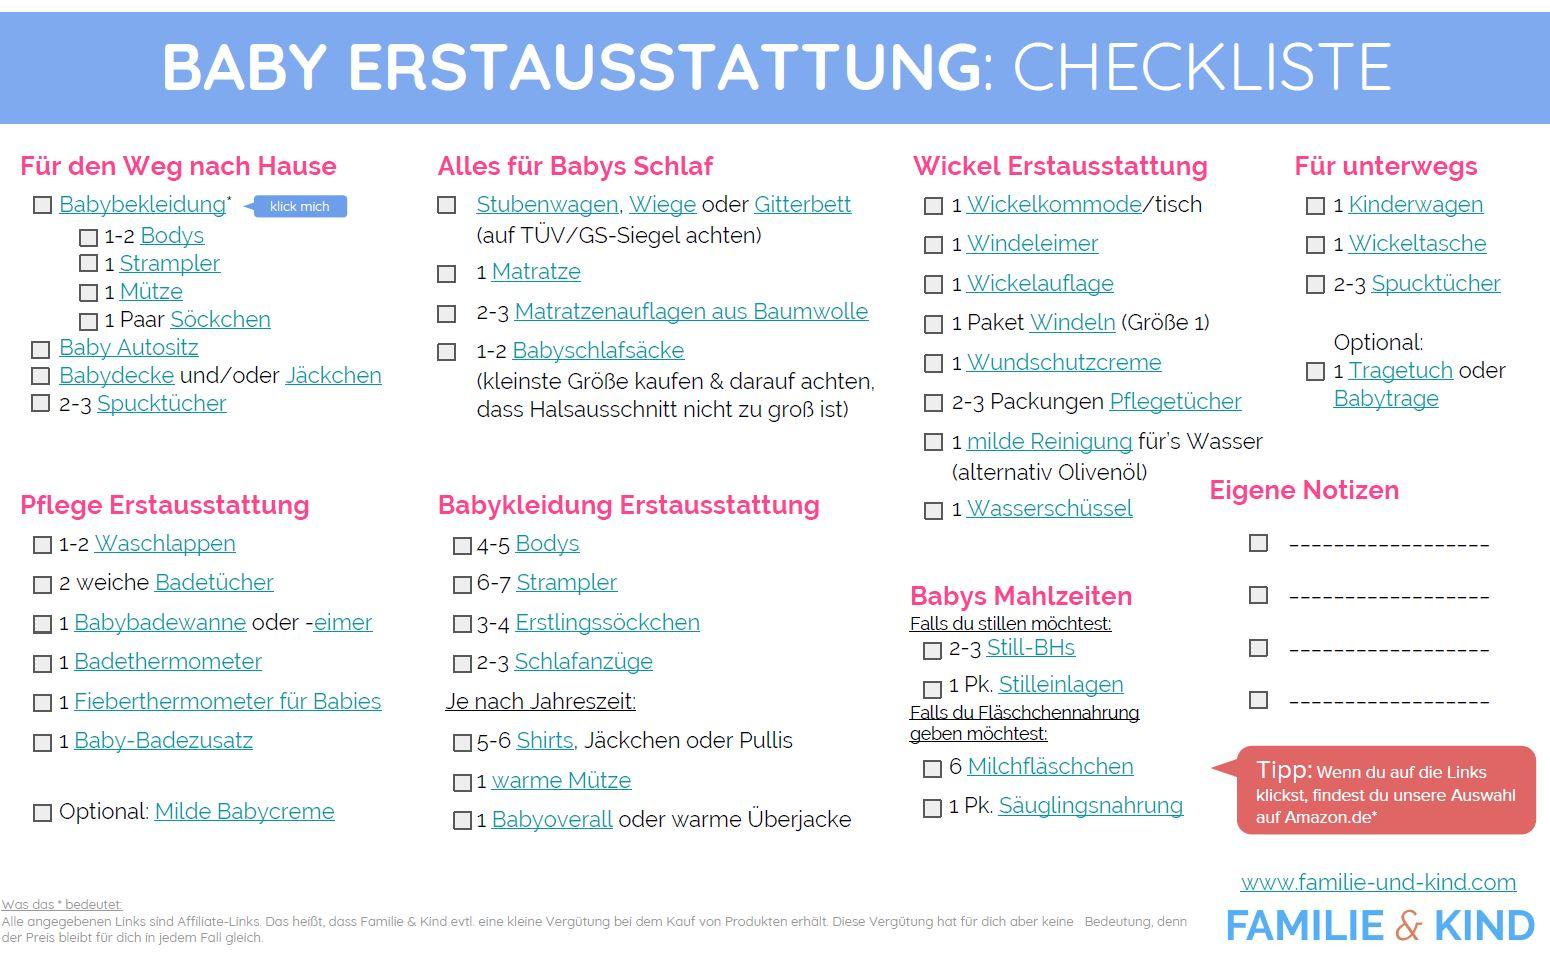 Baby Erstausstattung Liste: das braucht dein Baby wirklich!